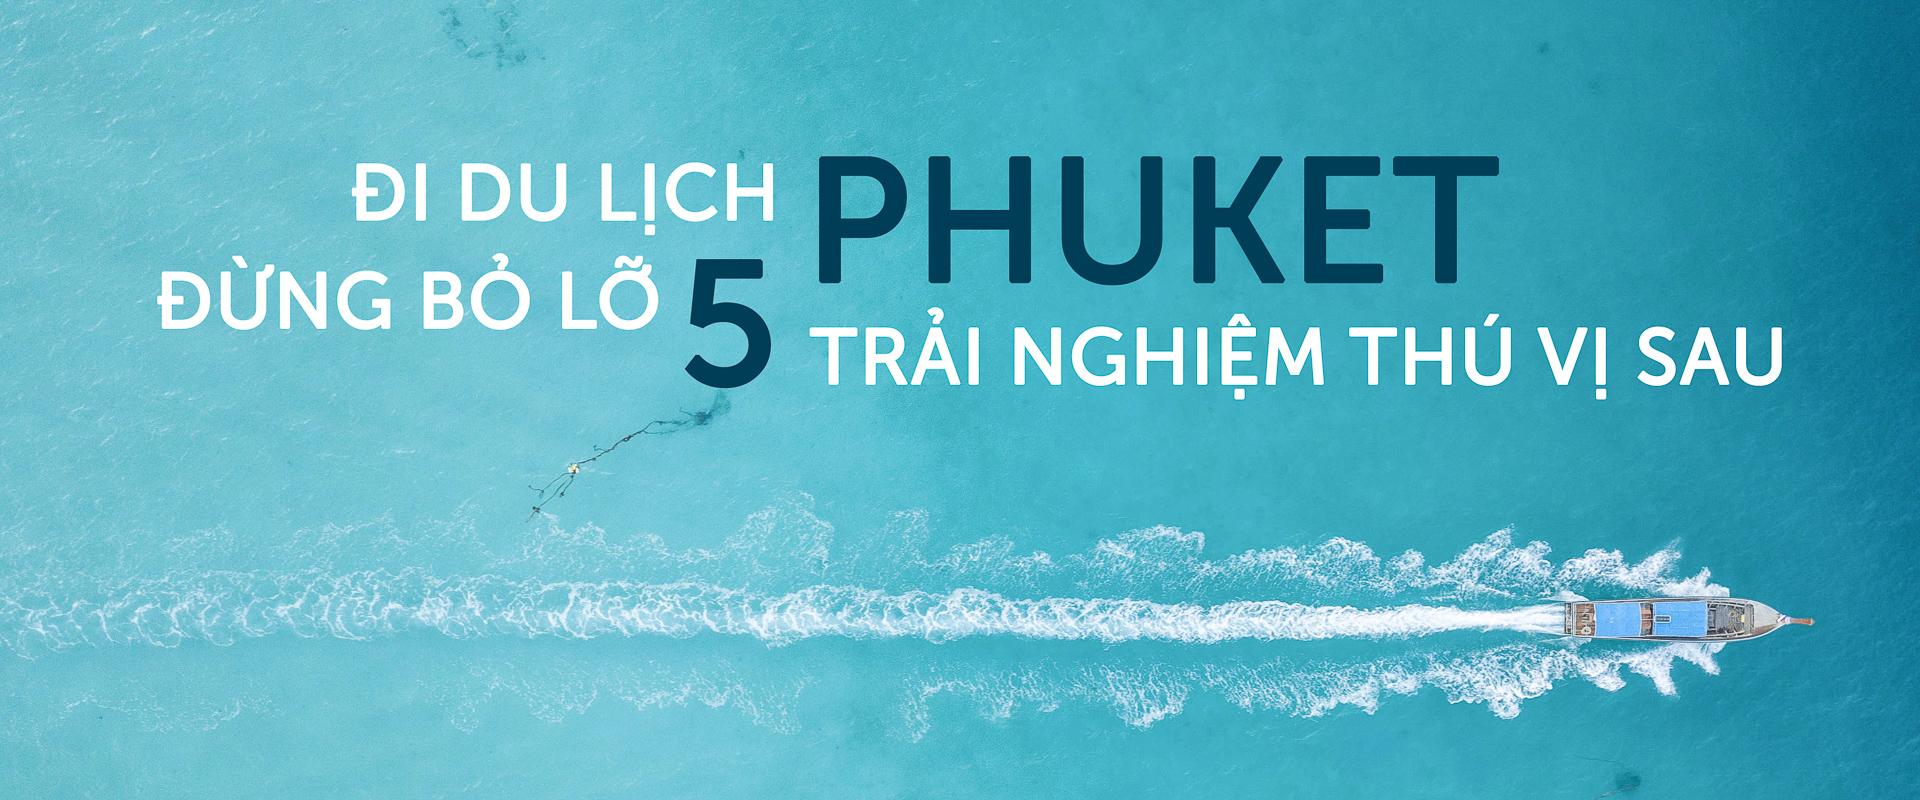 Đi du lịch Phuket đừng bỏ lỡ 5 trải nghiệm thú vị sau